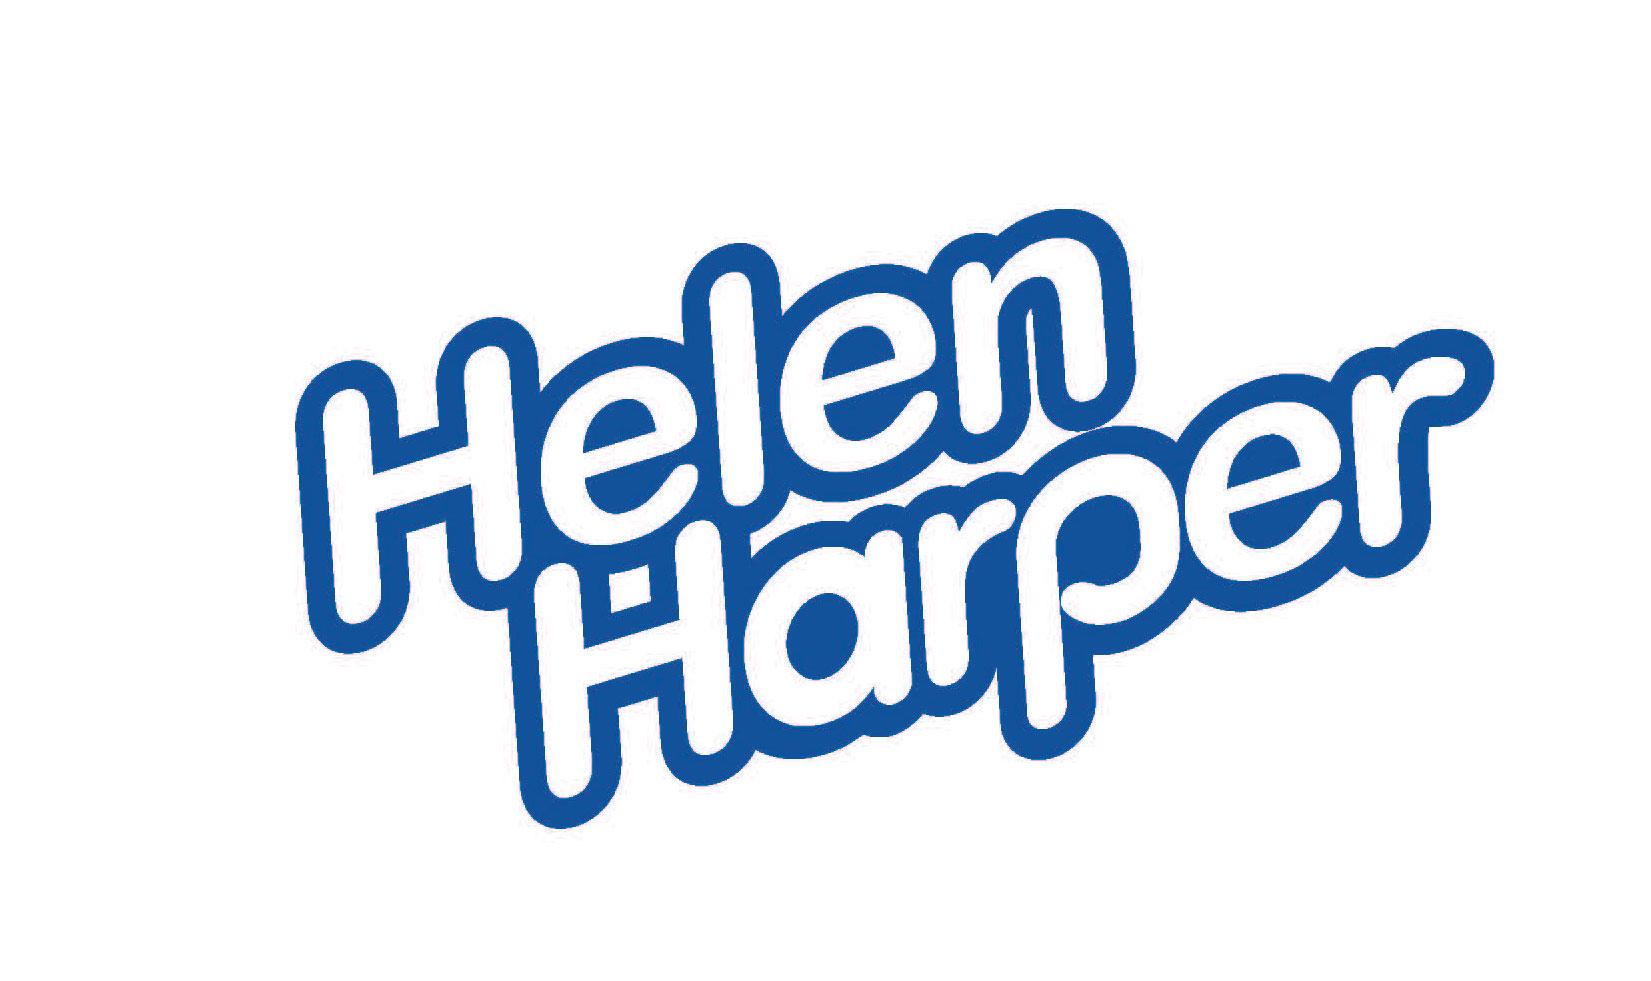 Сбор заказов. Подгузники Helen Harper. Чешское и бельгийское качество для наших деток. Выкуп 24 Стоп 30.09